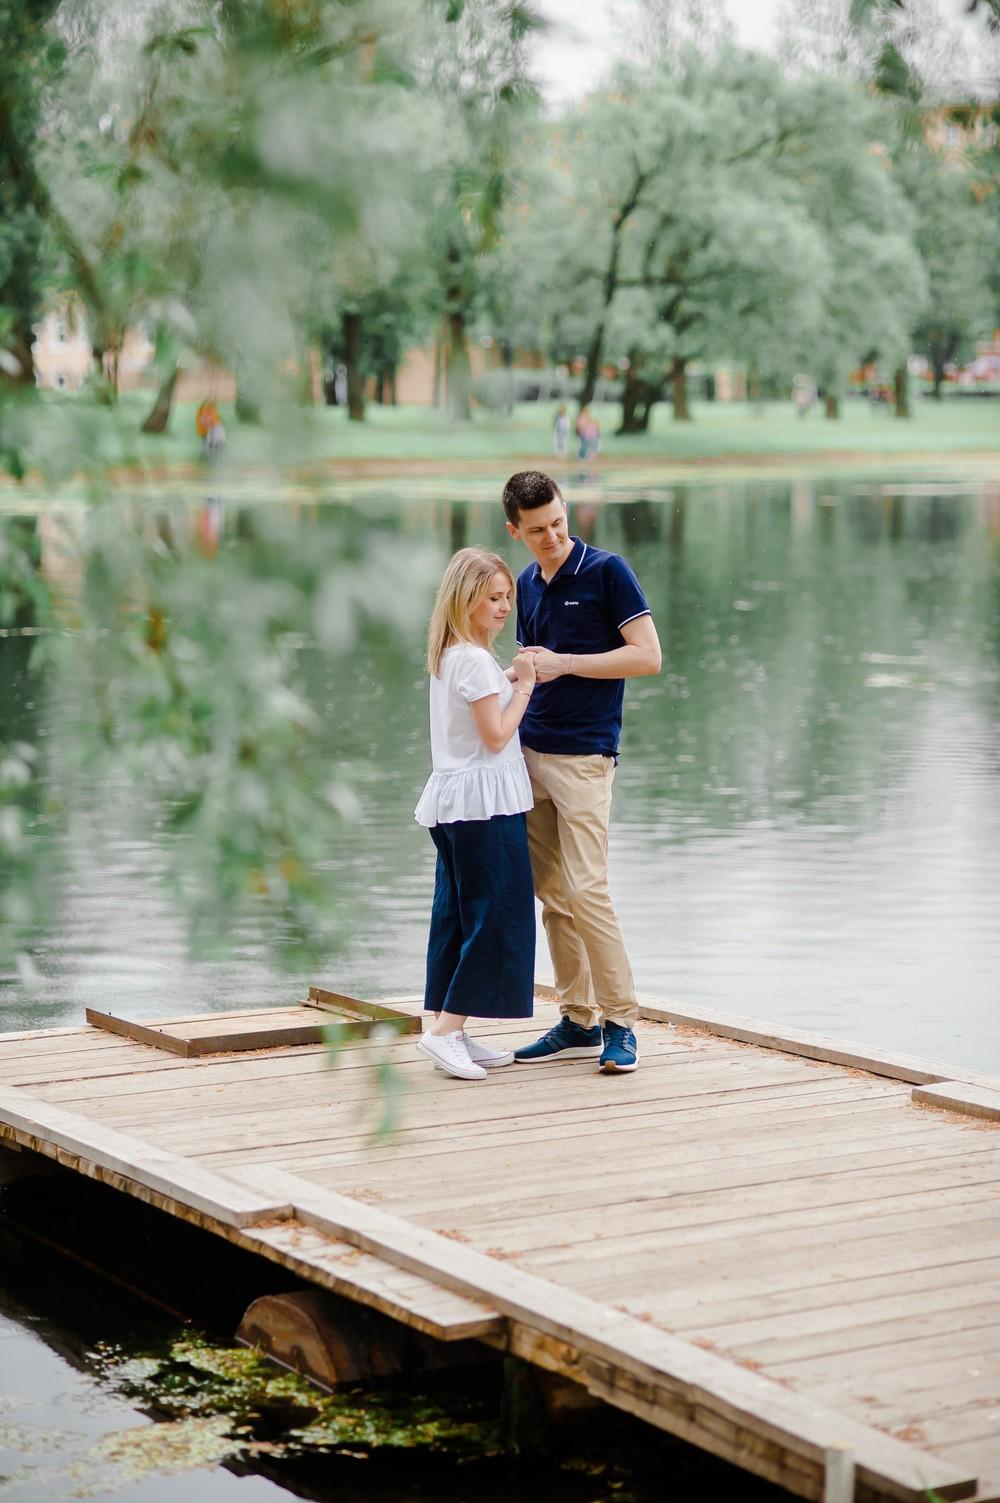 Любовь&Евгений лавстори